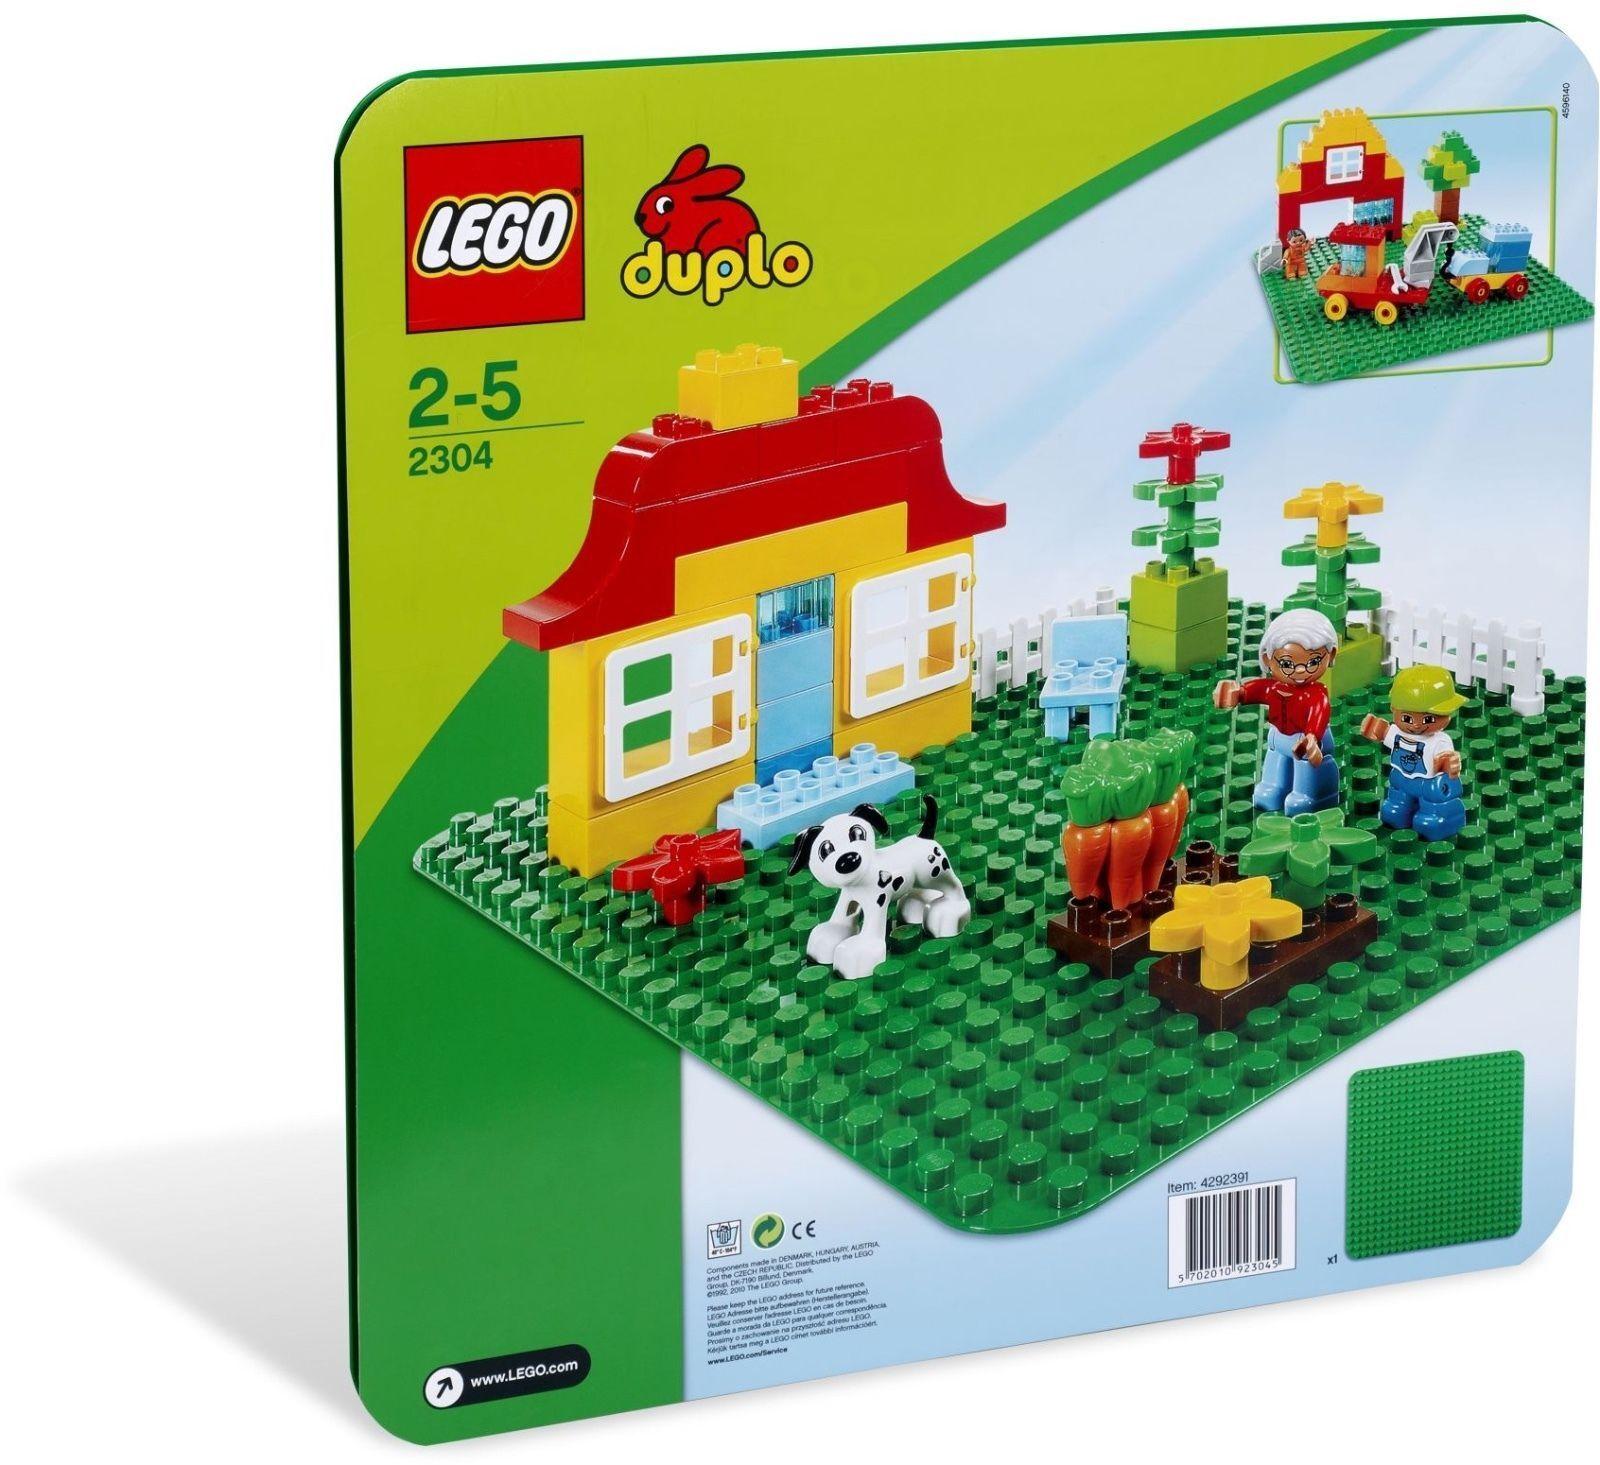 LEGO ® DUPLO ® 2304 verte Bauplatte Nouveau neuf dans sa boîte vert Plate New En parfait état, dans sa boîte scellée